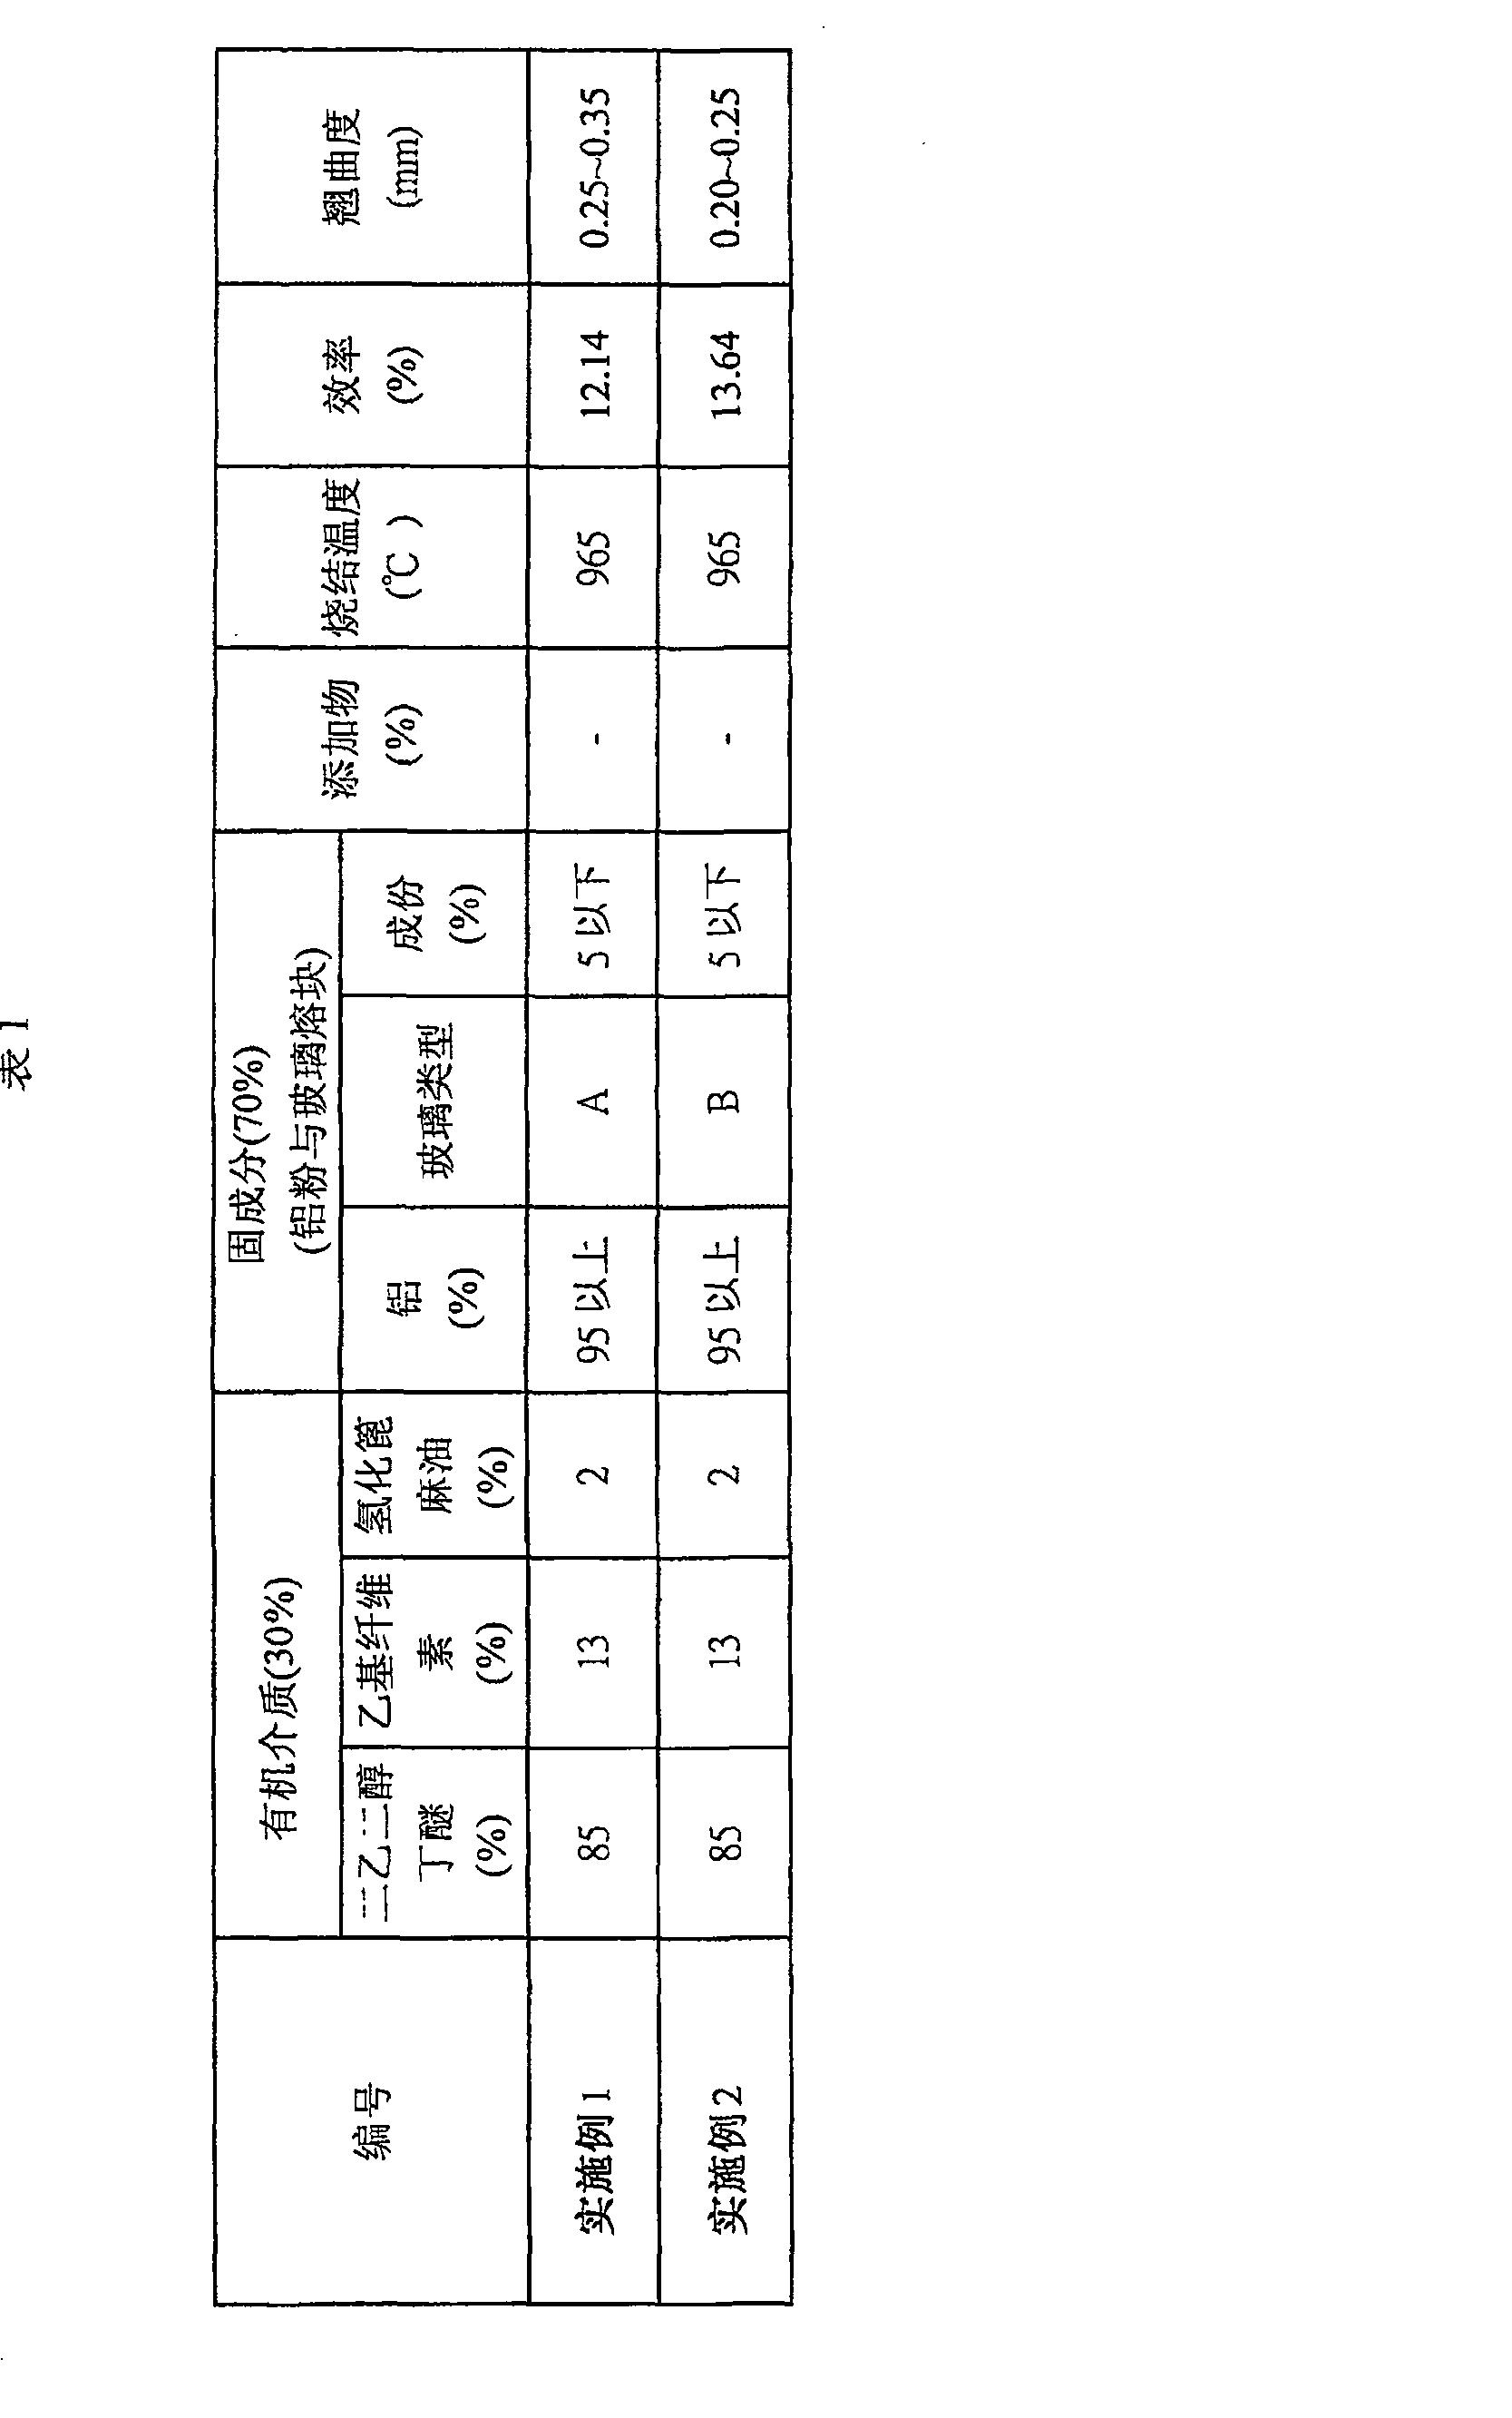 [0050] 实验组分别为实施例I、实施例2、实施例3、实施例4、实施例5、实施例6、实施例 7、实施例8、实施例9以及实施例10,并与对照组作比较。观察本发明的太阳能电池的短路电流、开路电压、填充因子、翘曲与温度以及转换效率与温度的关系。以单晶硅晶面100而言,其P-型芯片电阻率为I.